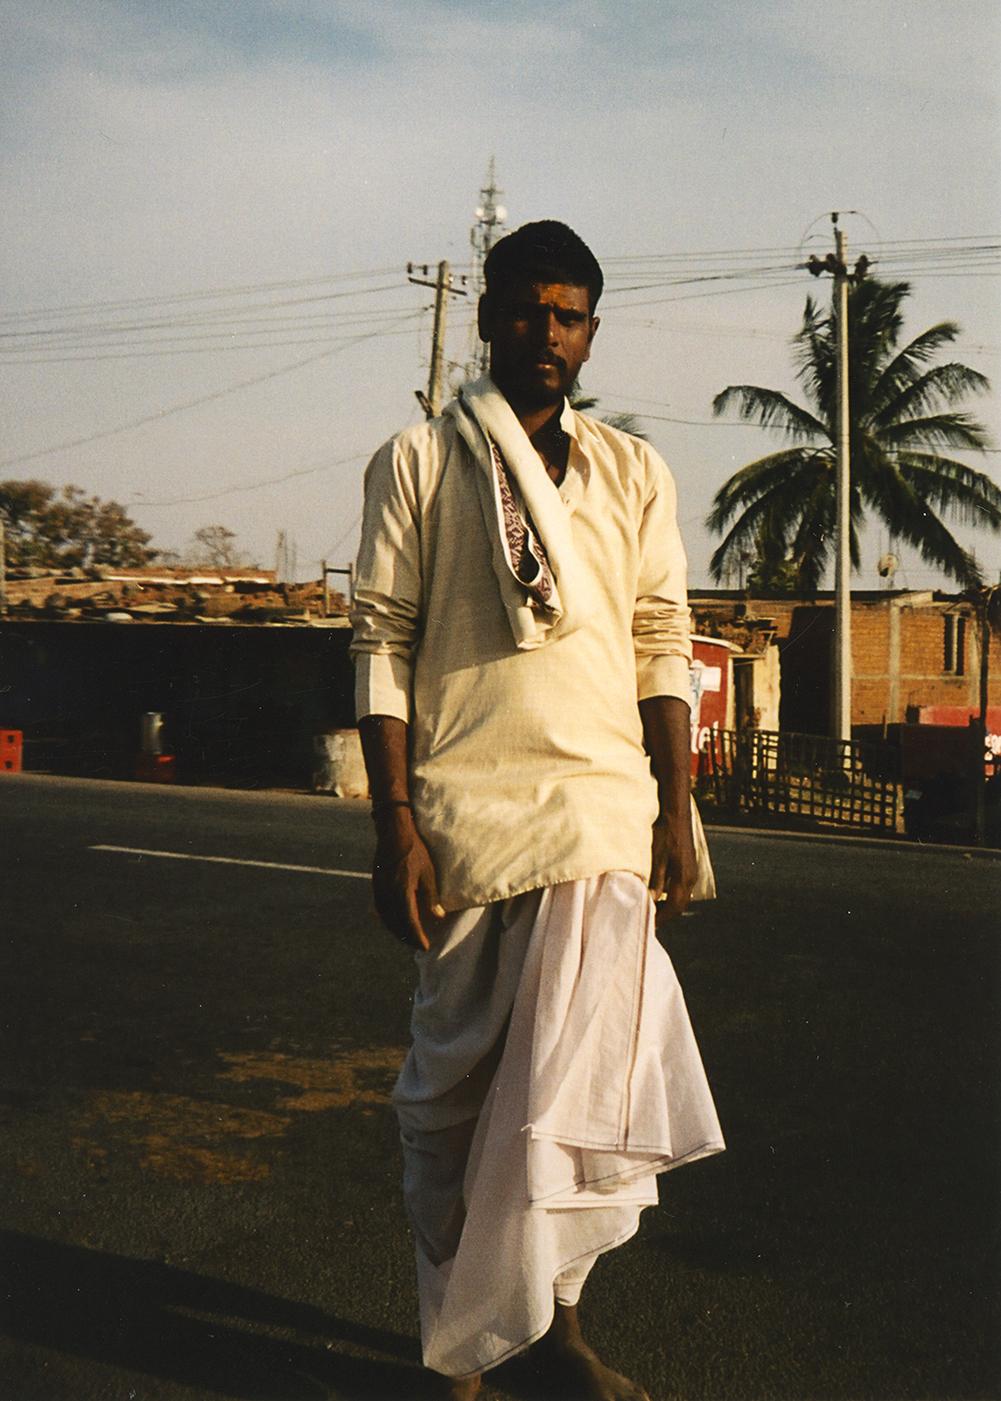 indien (34)_be_5-7